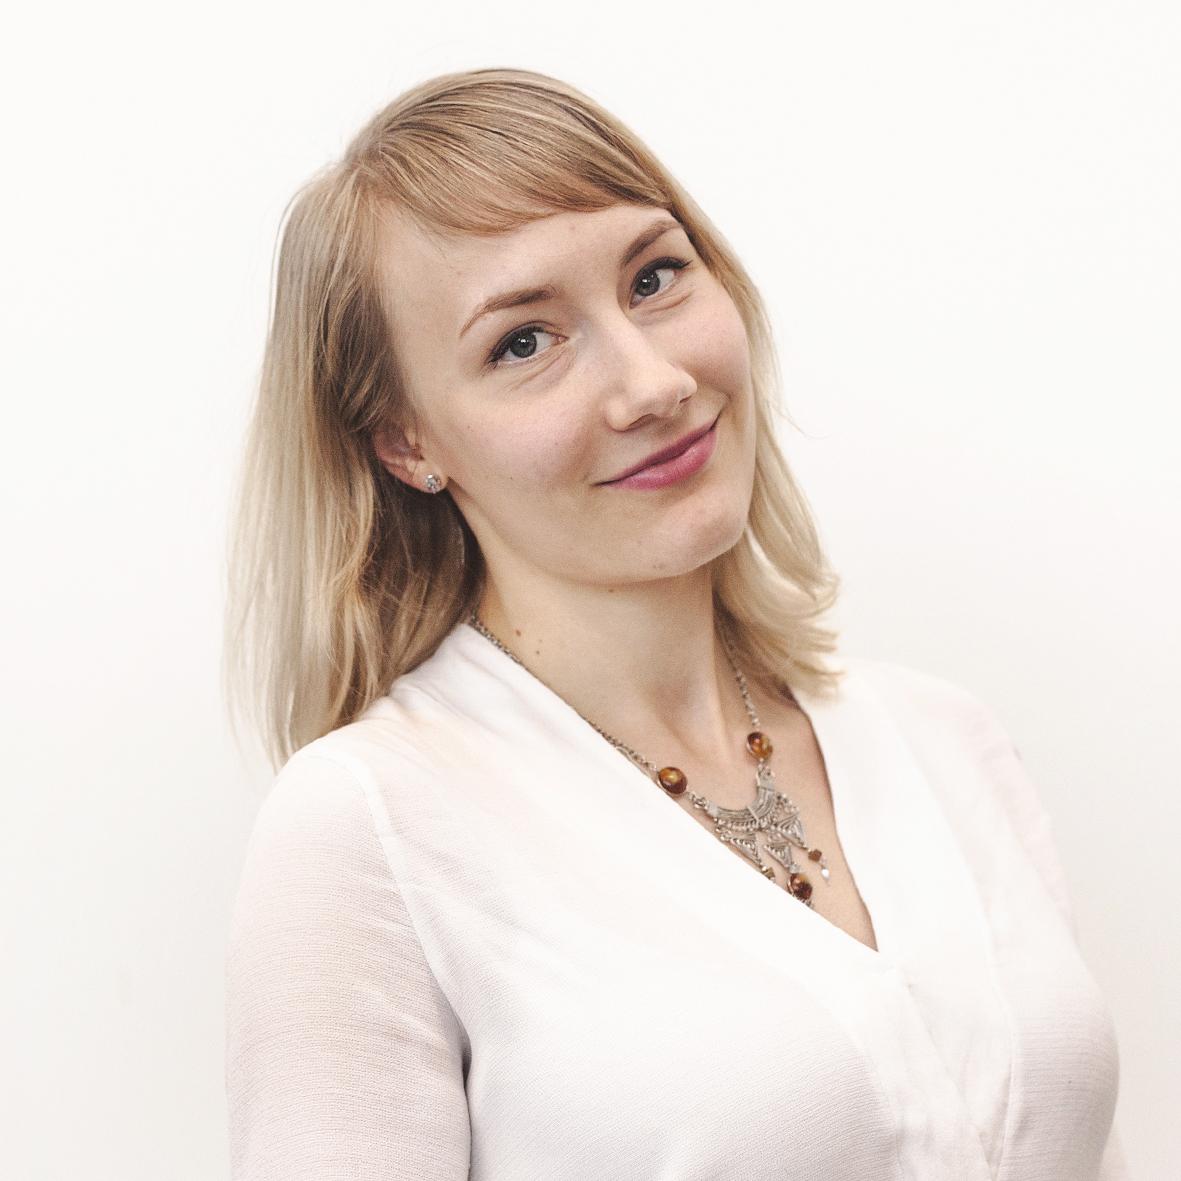 Tessa Särkkä